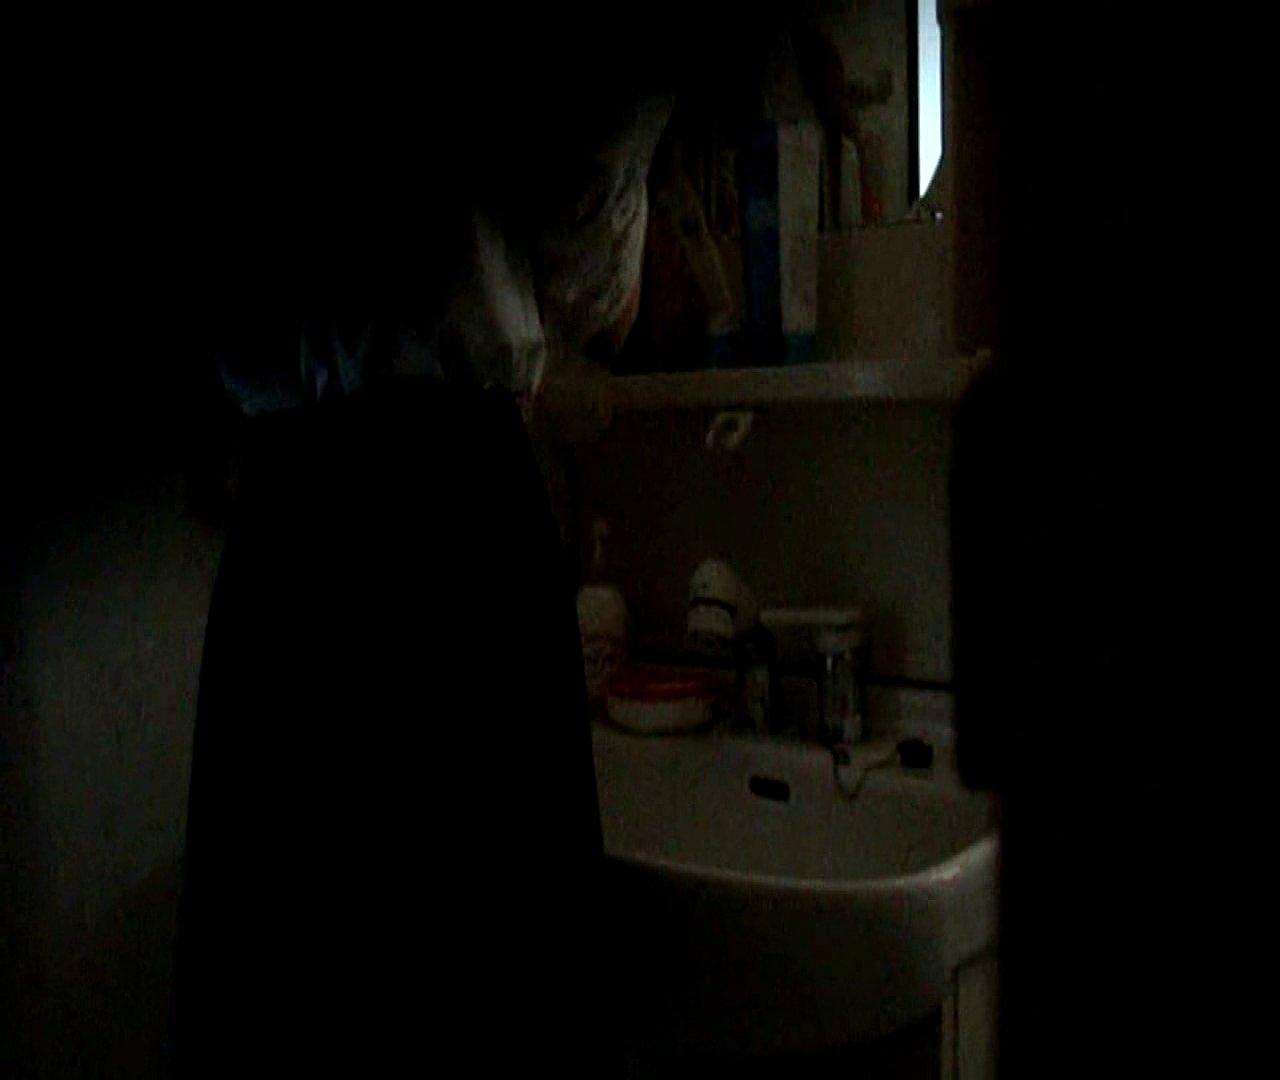 二人とも育てた甲斐がありました… vol.05 まどかが洗顔後にブラを洗濯 美しいOLの裸体 | 0  102pic 41